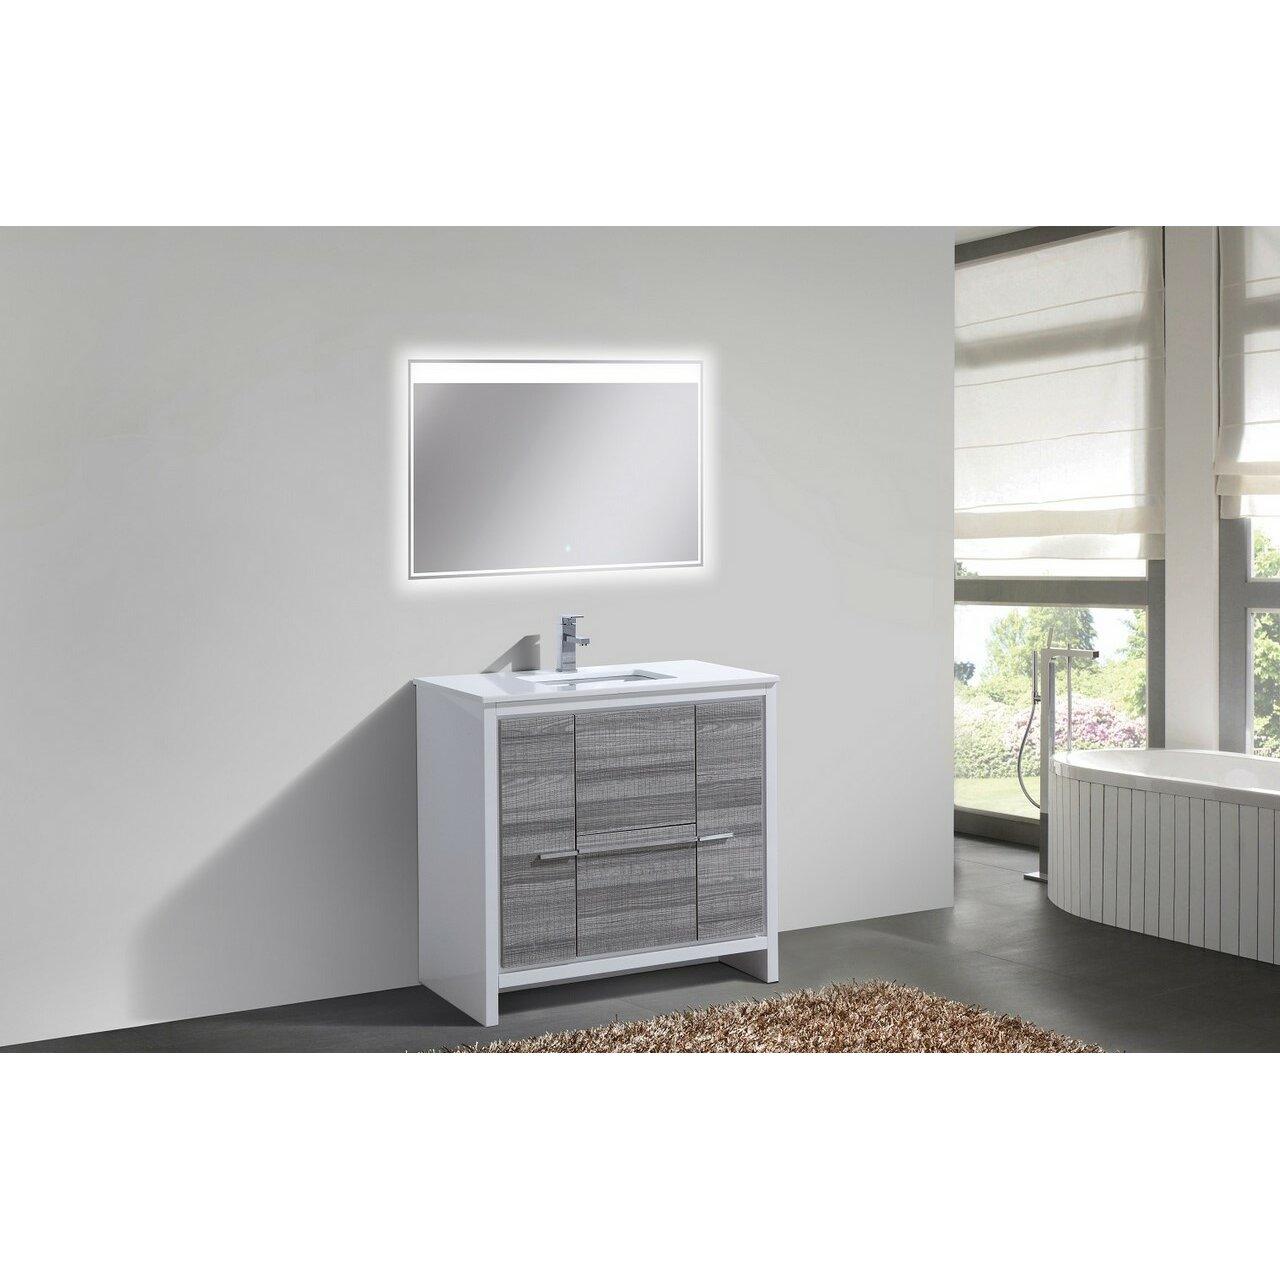 Modern Bathroom Vanity Mercury Row Bosley 36 Modern Bathroom Vanity Reviews Wayfair